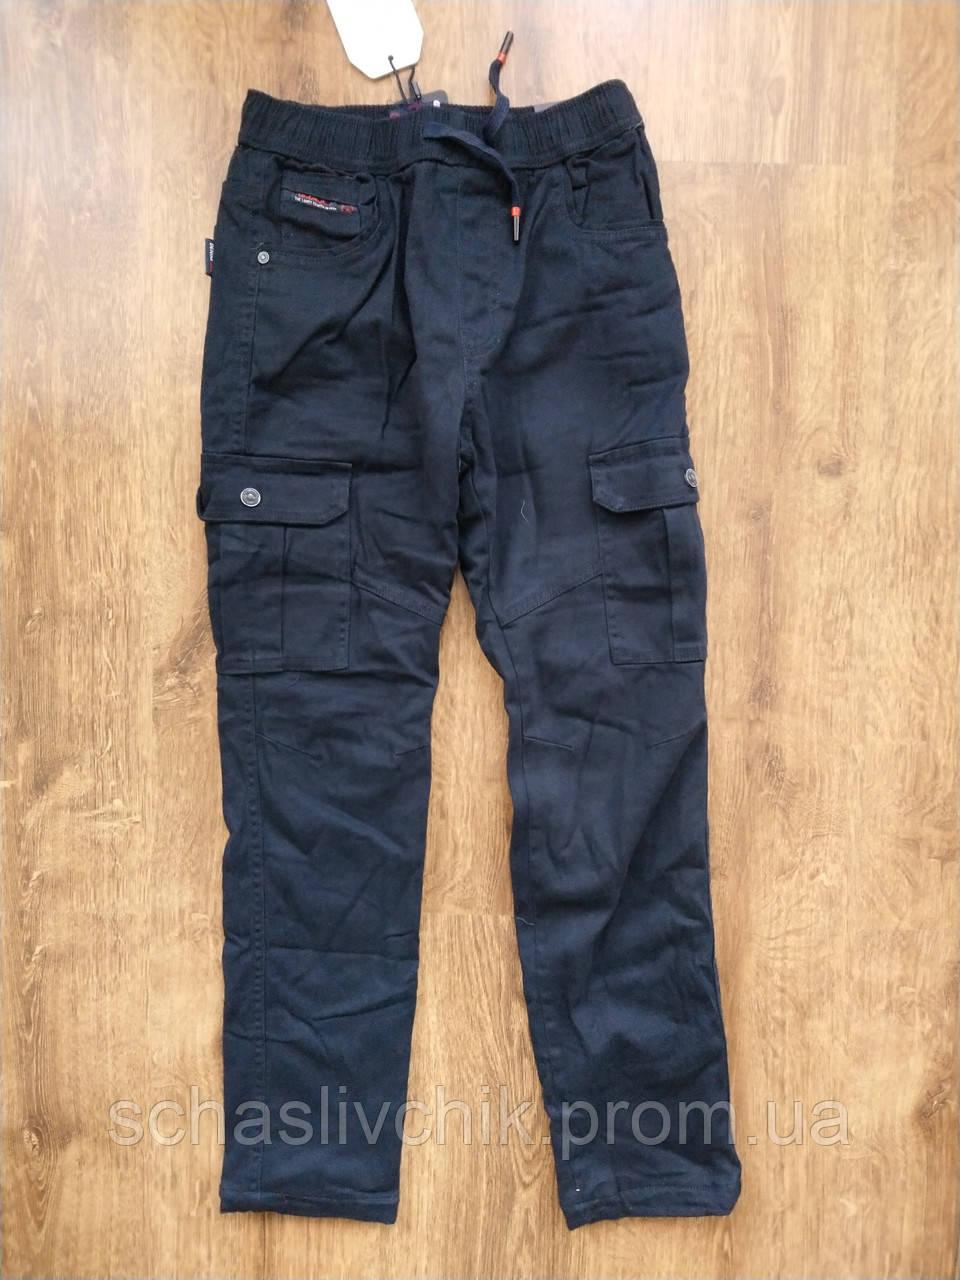 Джинсы брюки для мальчиков на флисе с Венгрии оптом , размер 134-164, фирма Grace